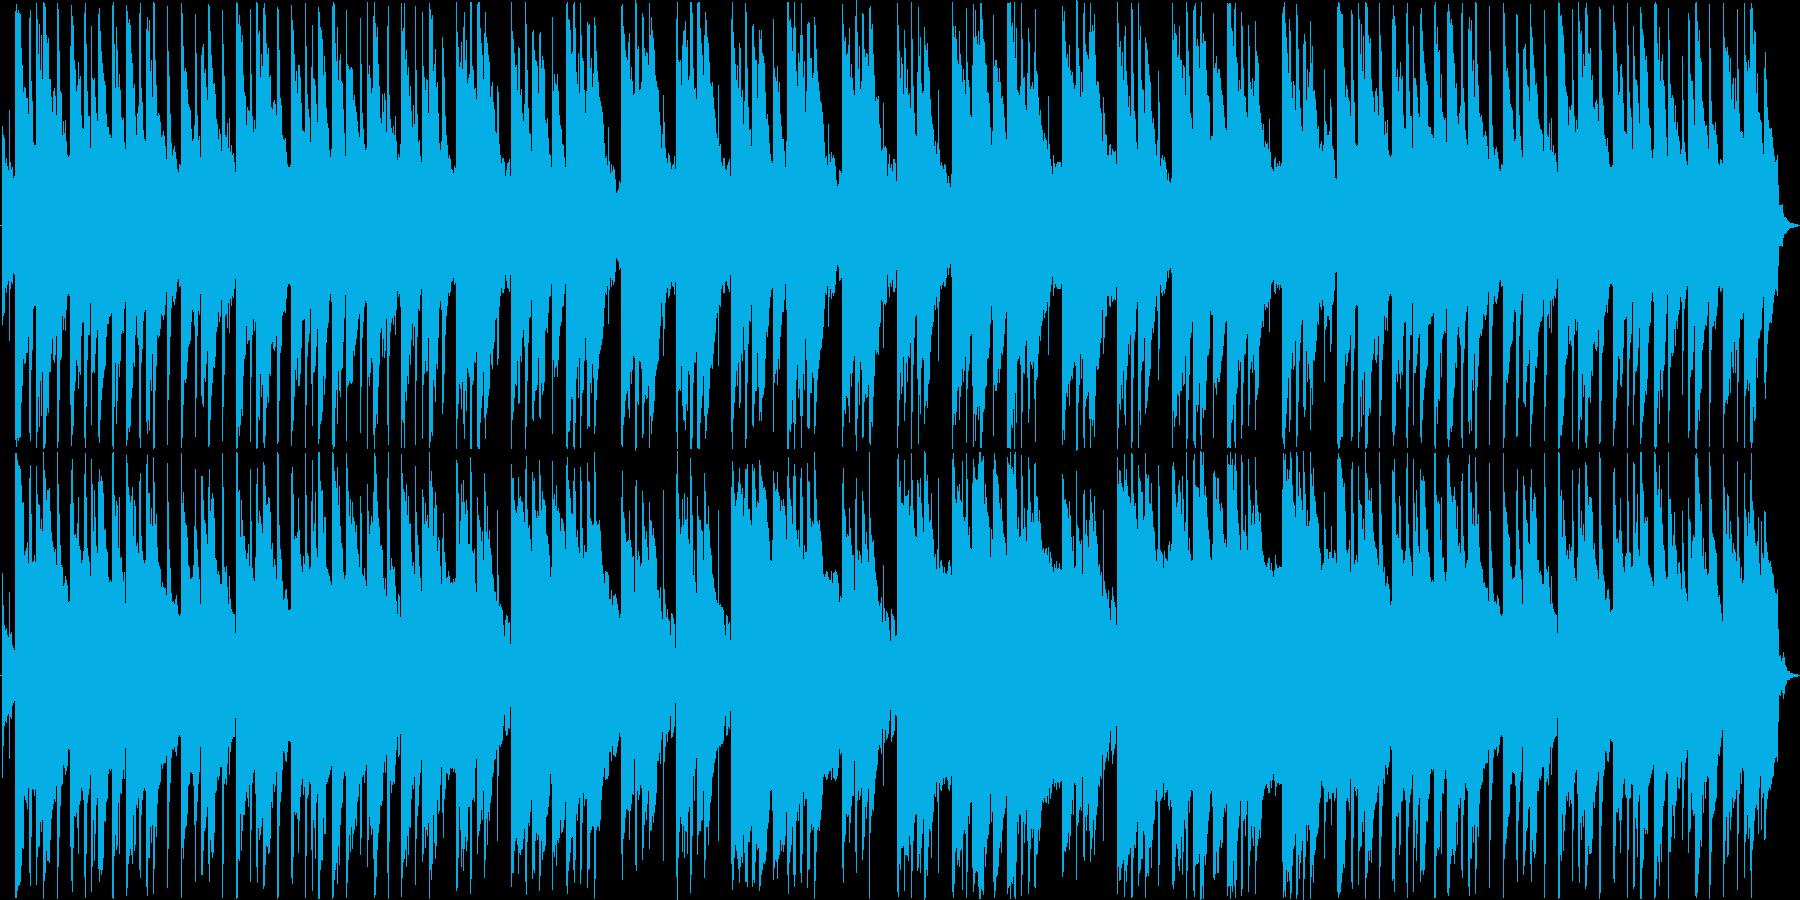 スローテンポで哀愁ある和風楽曲の再生済みの波形